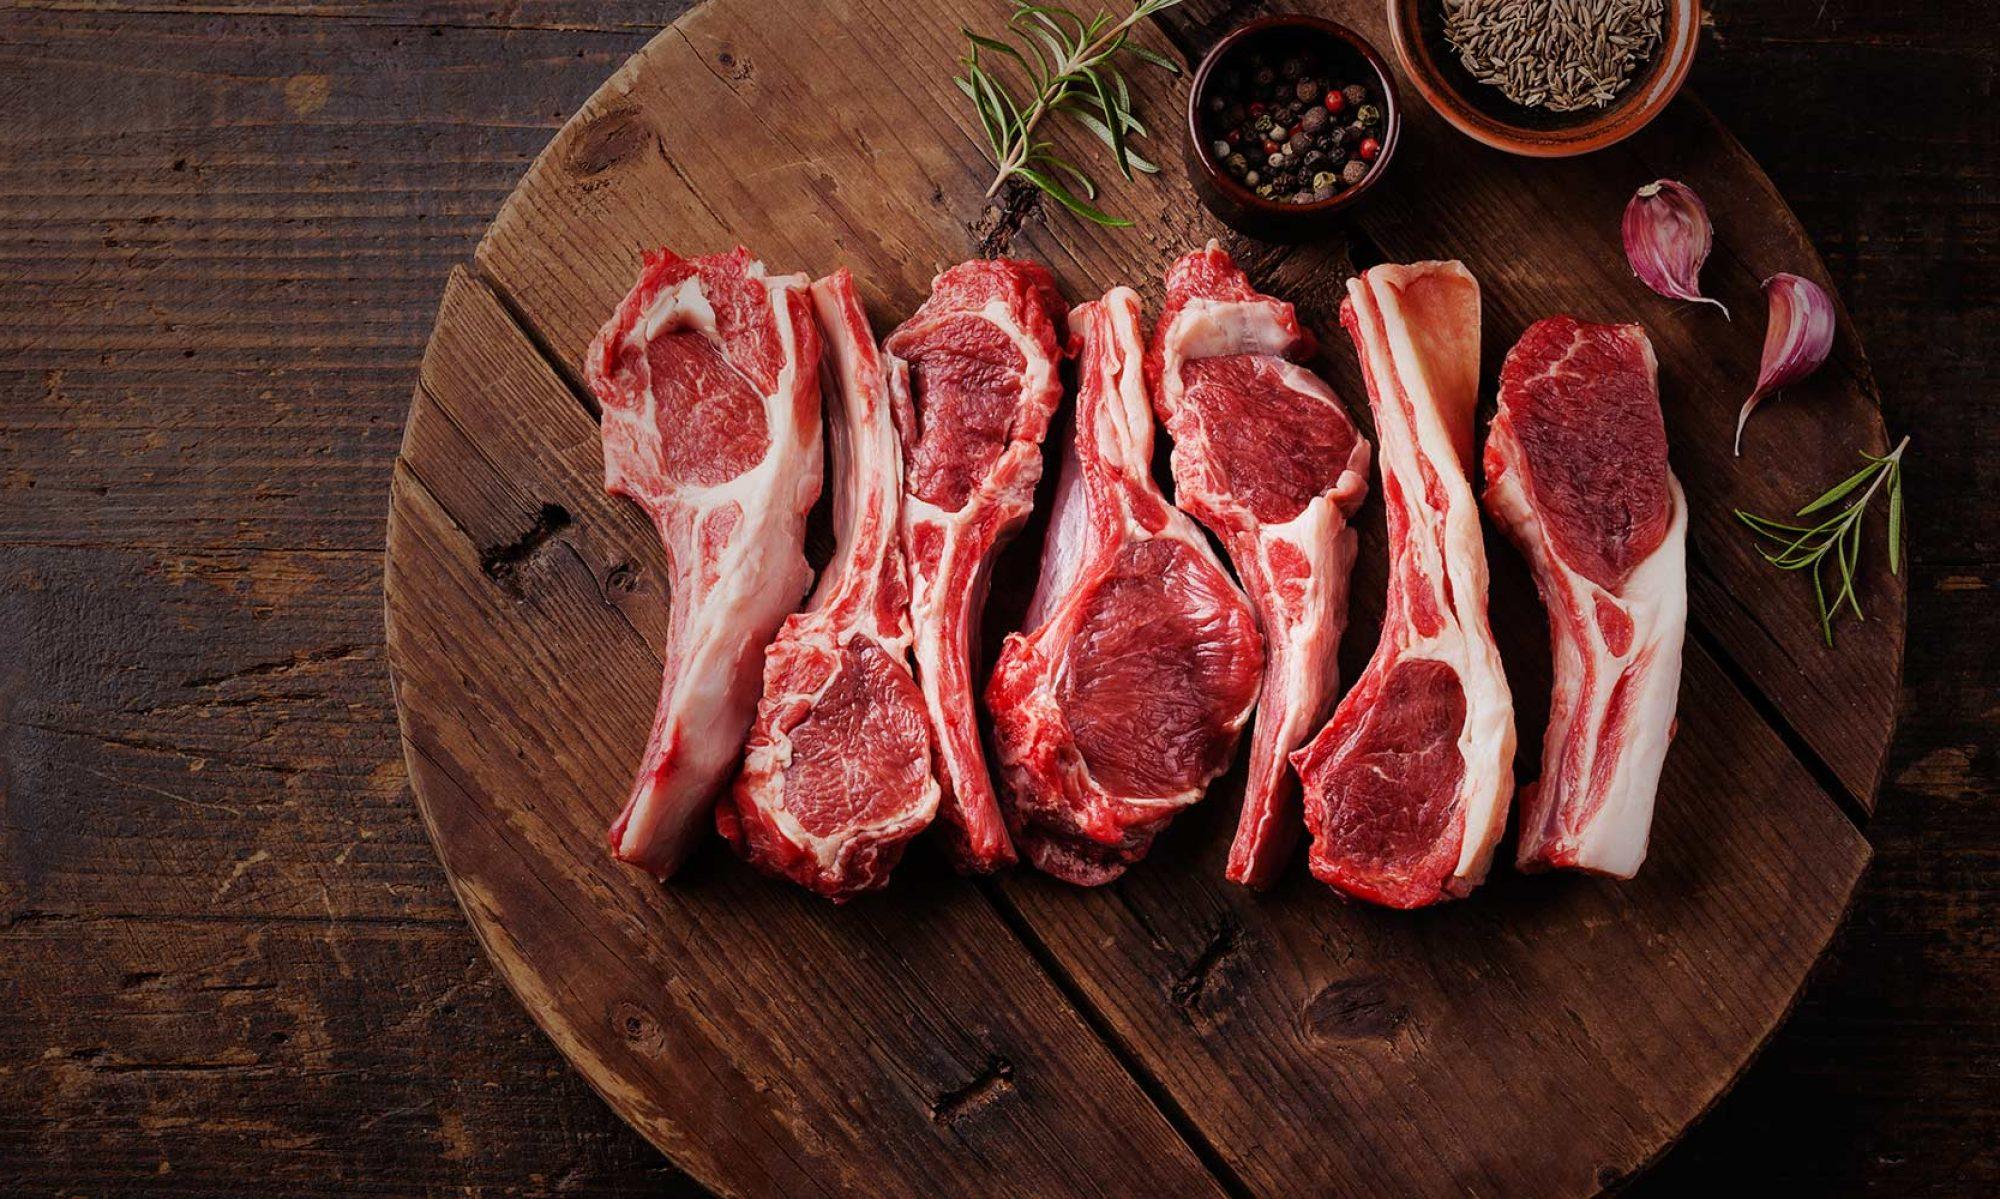 Сколько хранится мясо в холодильнике народные и общепризнанные способы